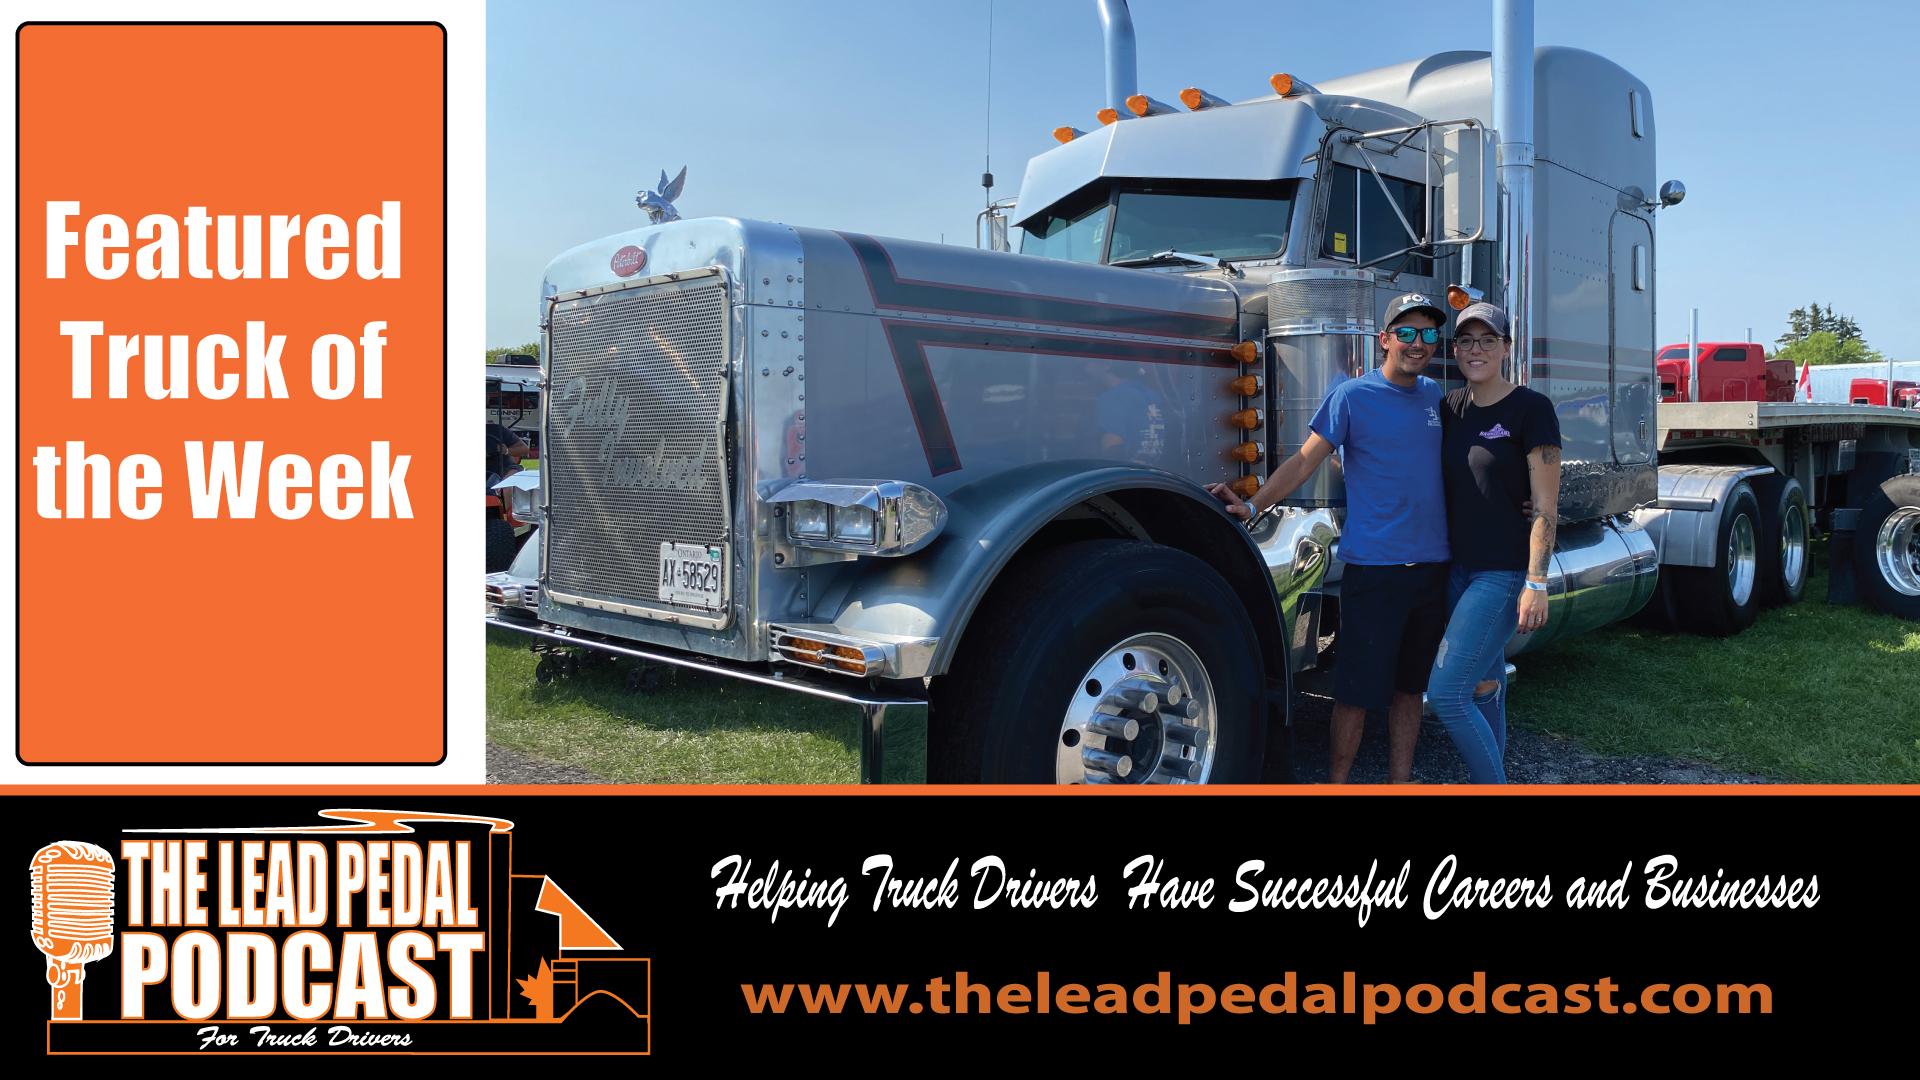 LP691 Featured Truck of the Week - 2004 Peterbilt